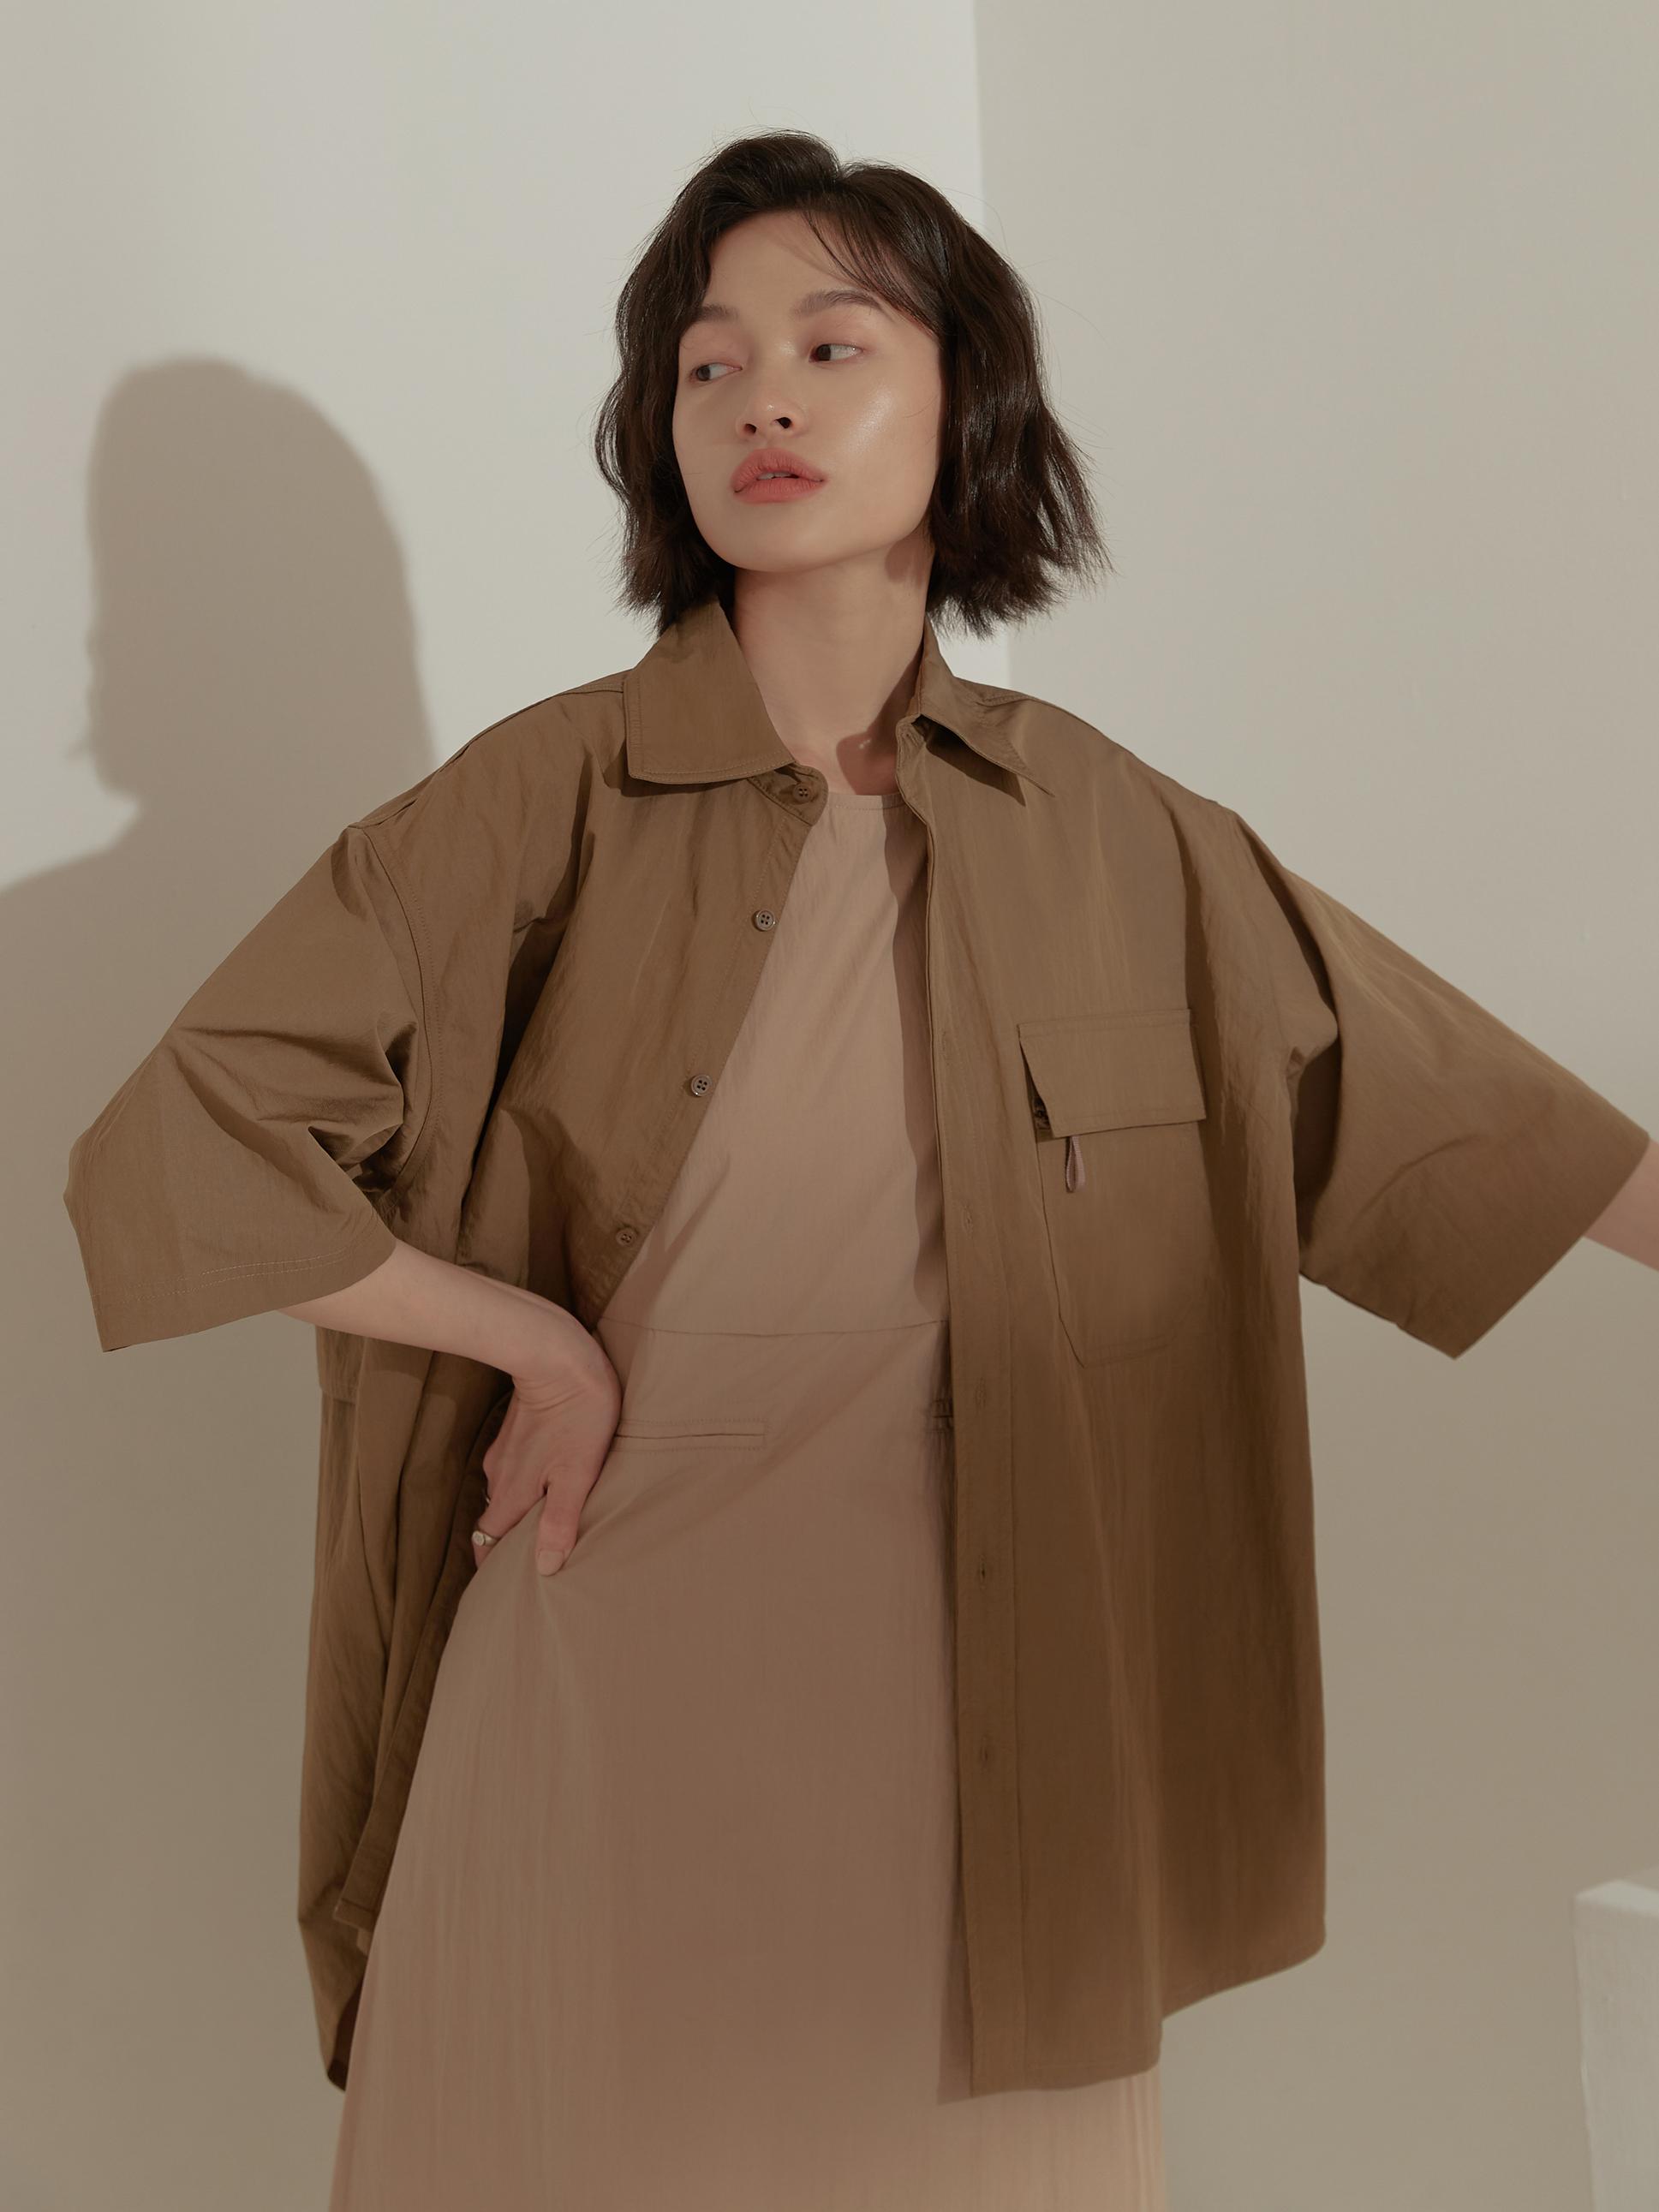 輕薄風衣材質五分袖襯衫-mouggan